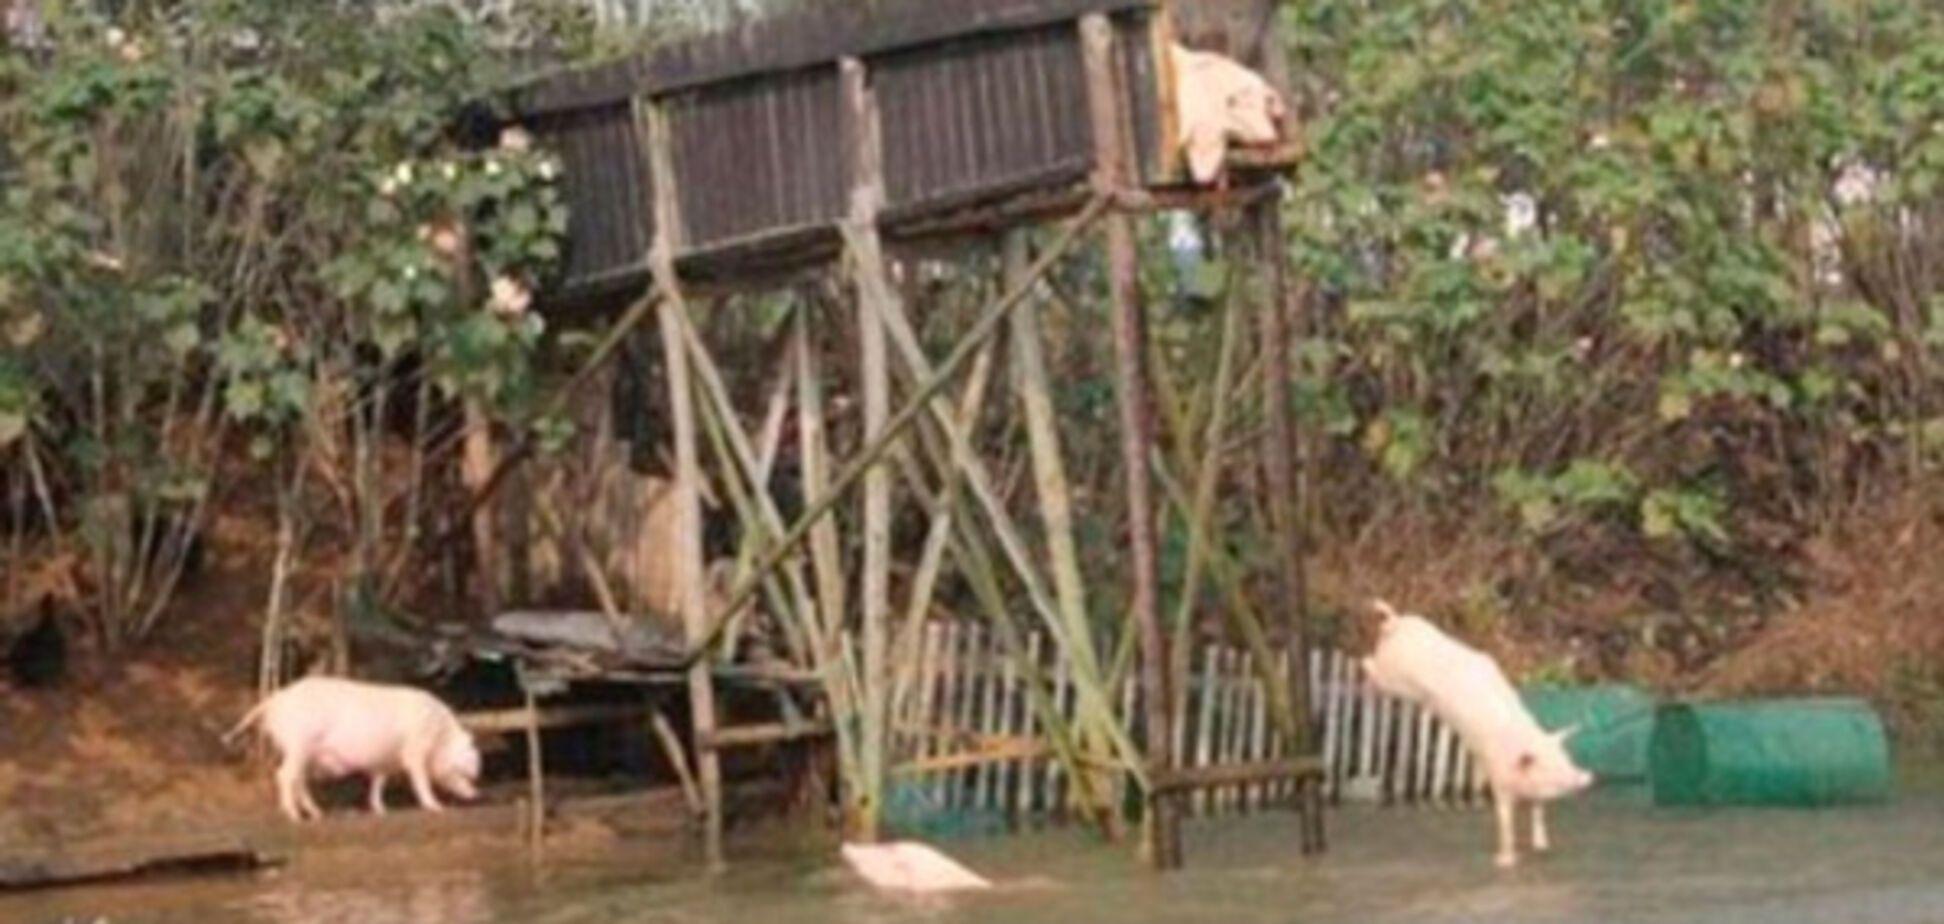 Китайский фермер научил свиней заниматься спортом